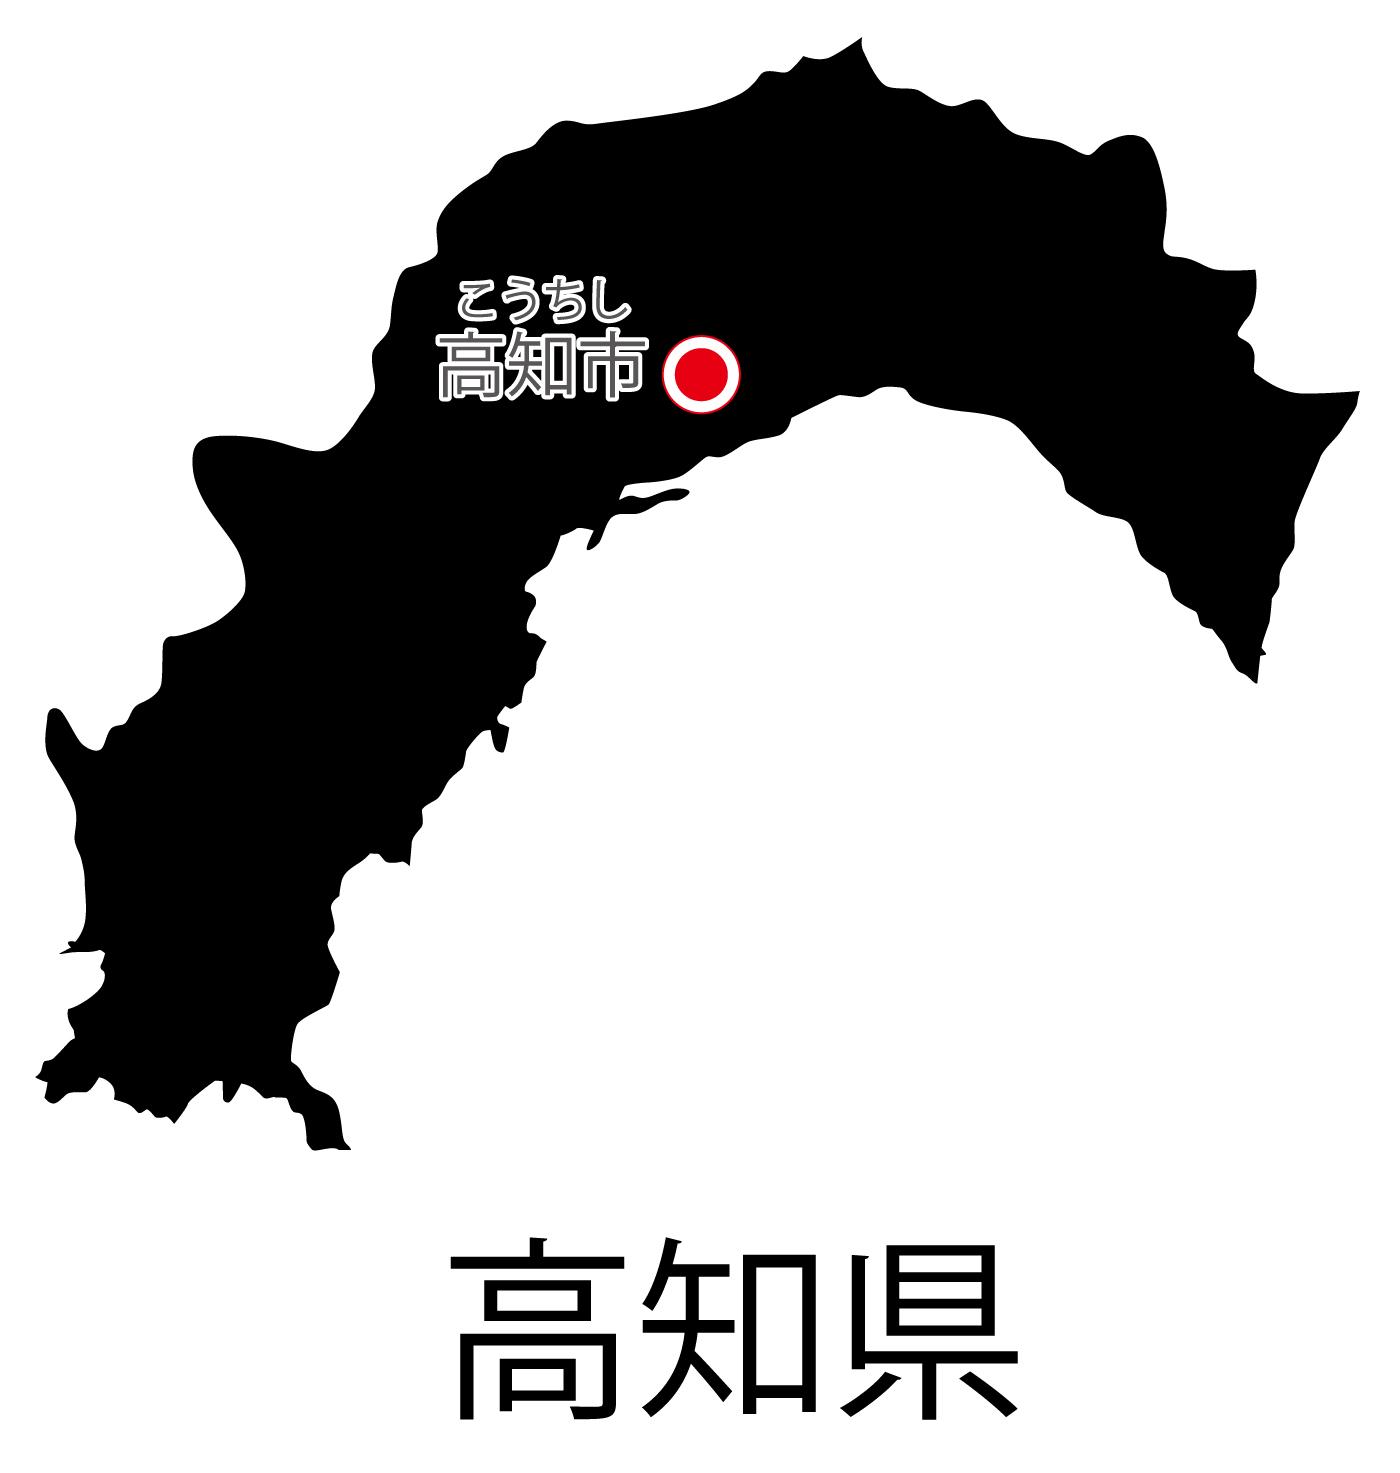 高知県無料フリーイラスト|日本語・都道府県名あり・県庁所在地あり・ルビあり(黒)